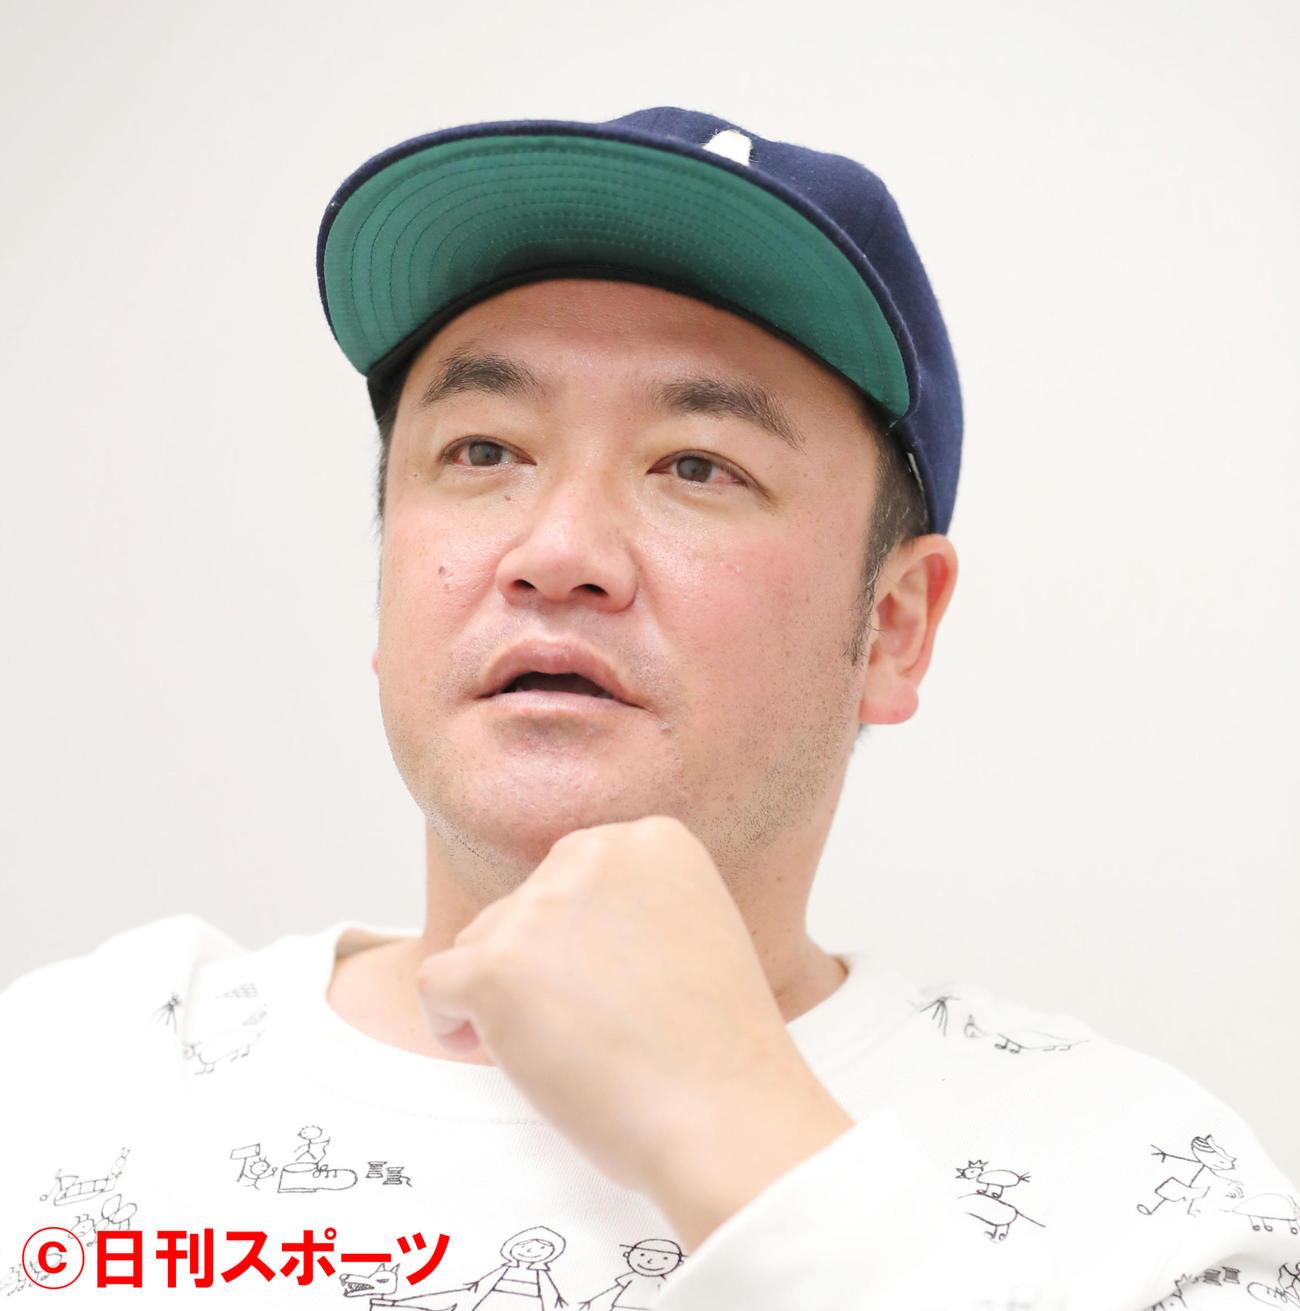 たむらけんじ(2020年3月撮影)